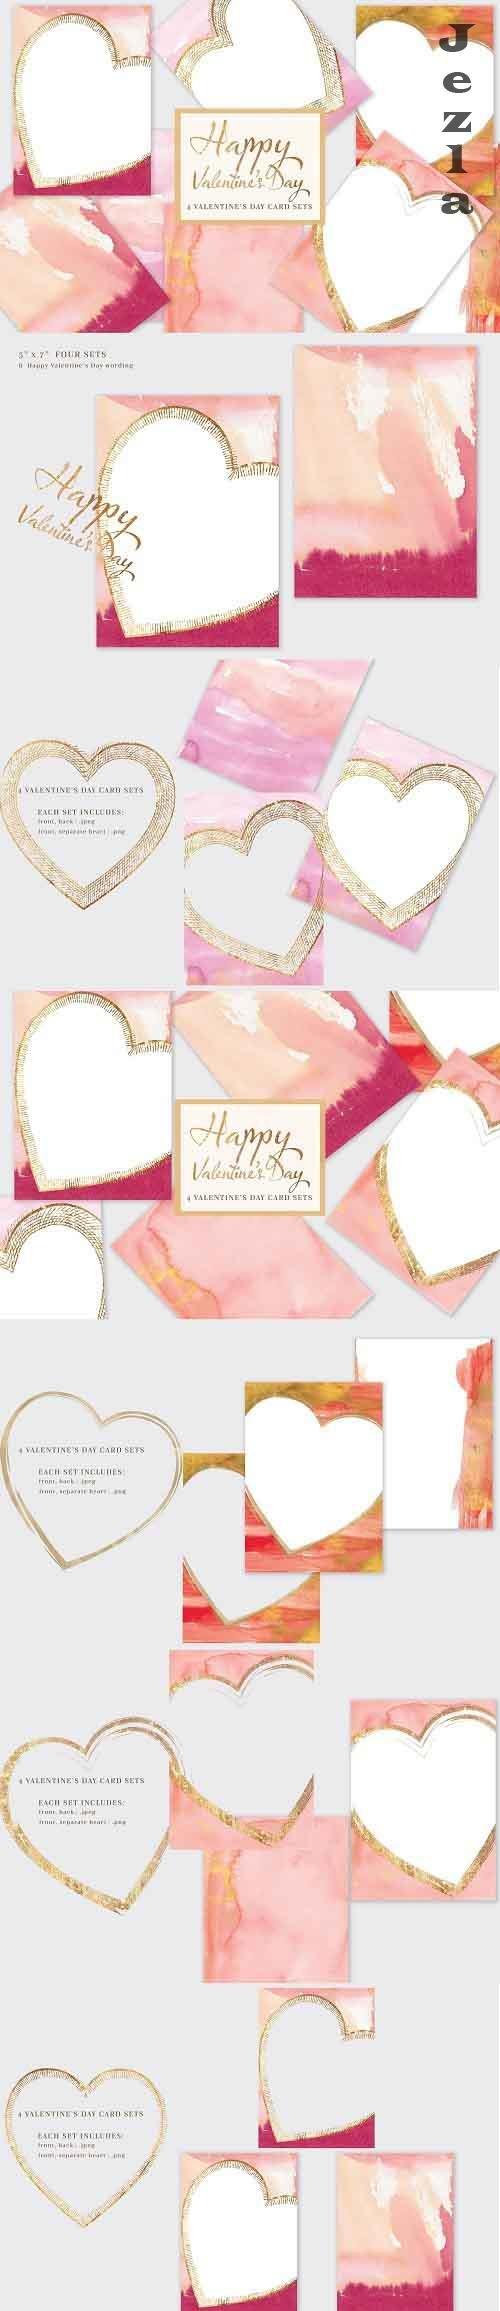 Happy Valentine's Day Printable Set - 5778294